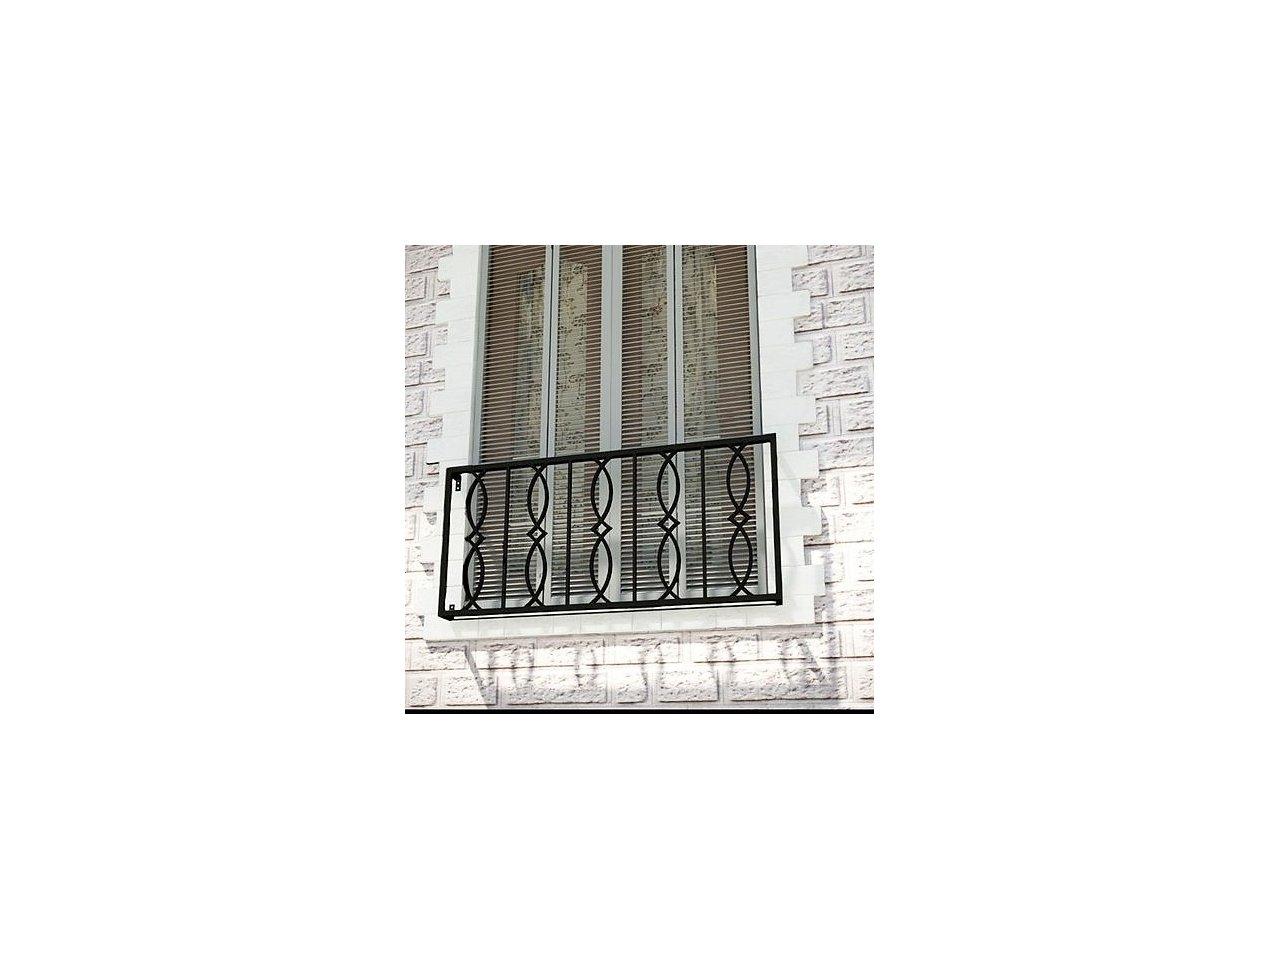 Balustrada kuta zewnętrzna BKZ76